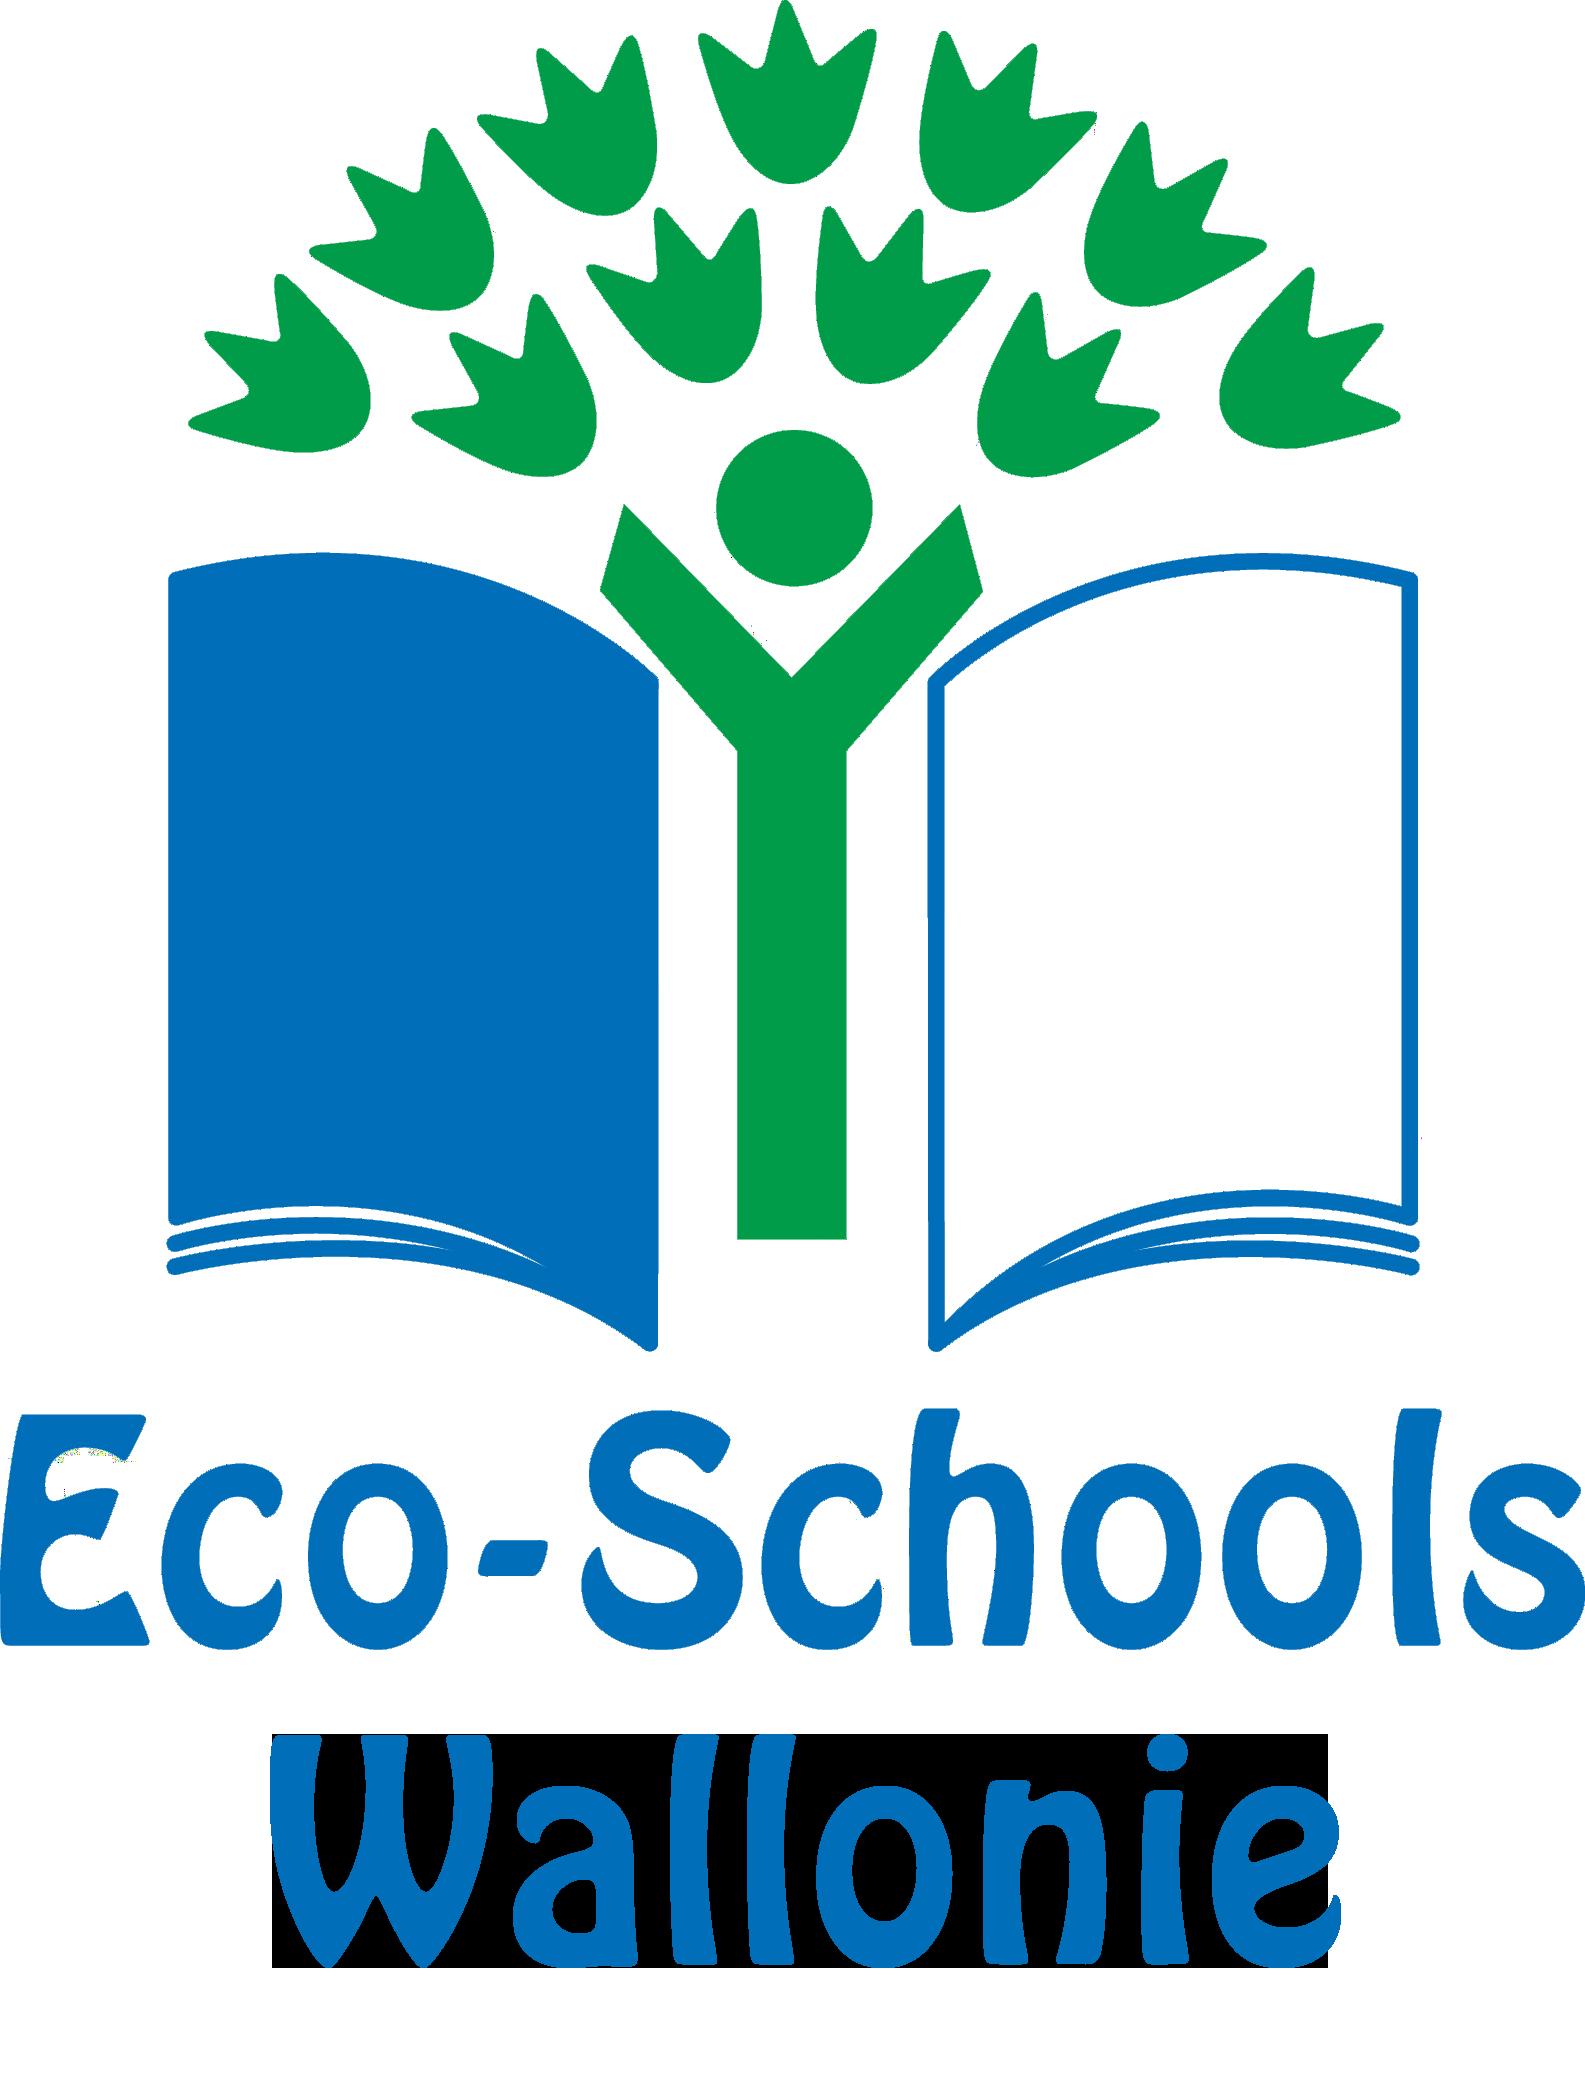 Eco-Schools Wallonie